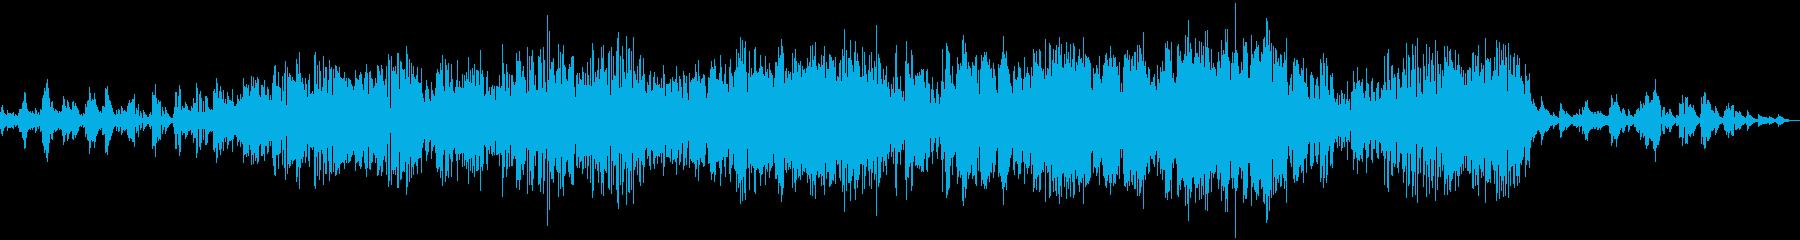 上品で滑らかなピアノジャズの再生済みの波形